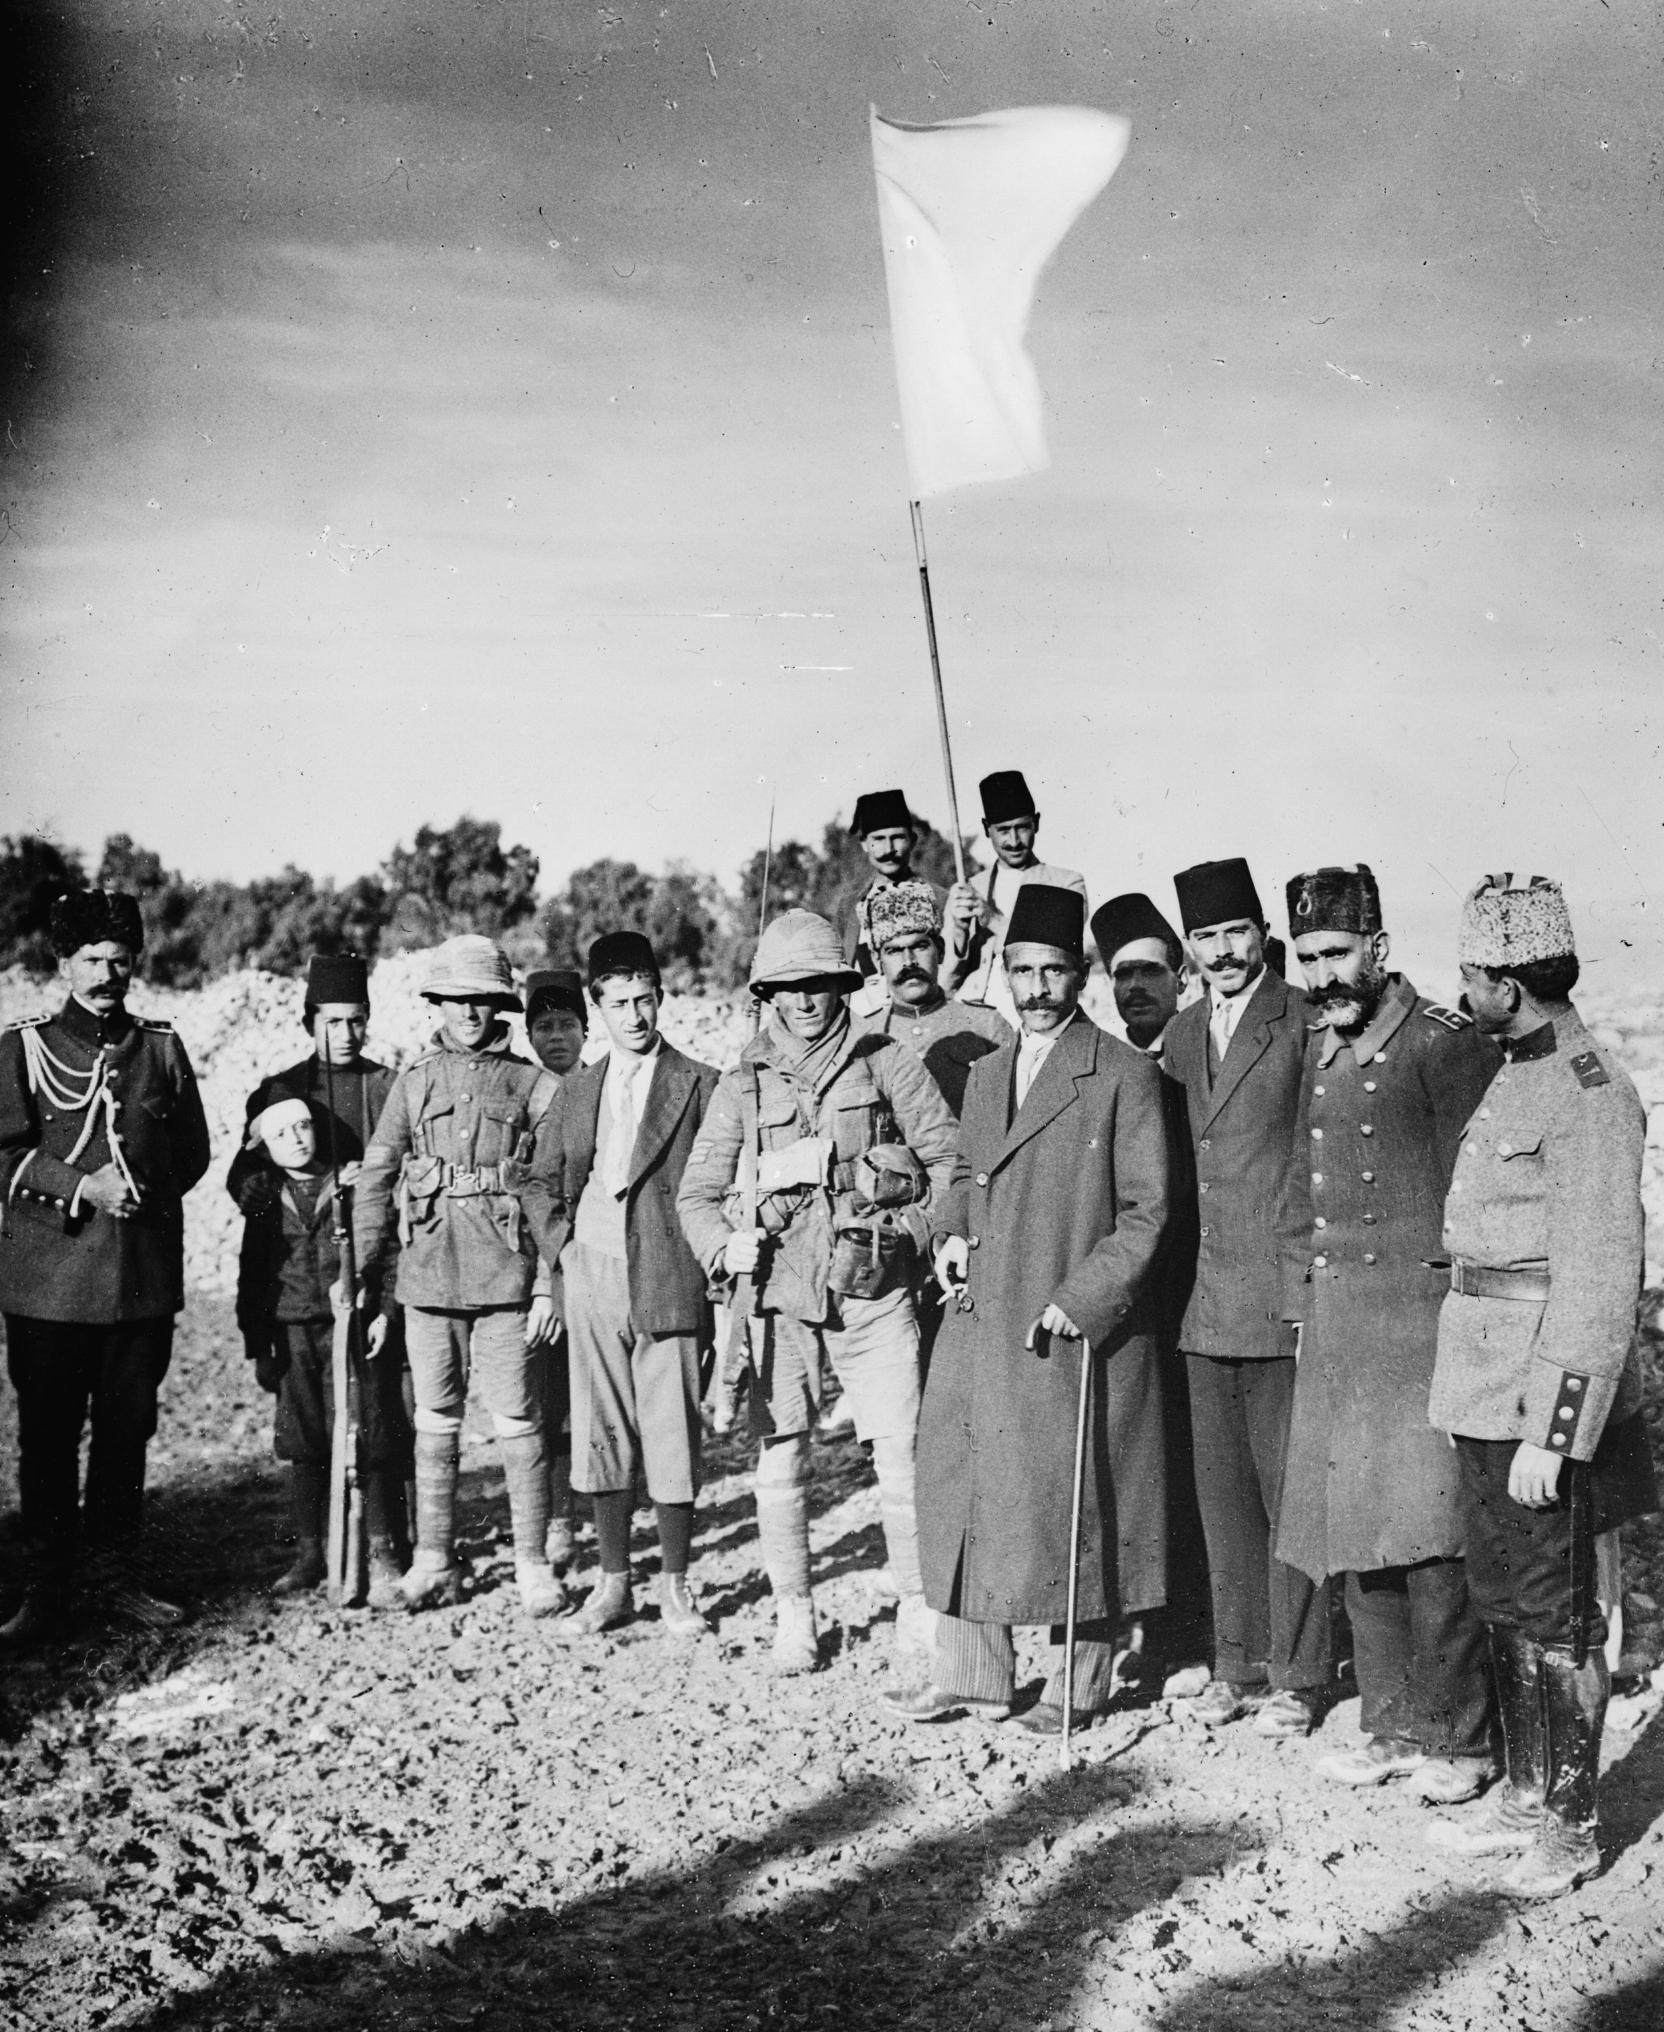 Borgarmeister Husayn Salim al-Husayni,i midten med frakk, bart og fes,overgjev Jerusalem etter 401 år med osmansk styre til britiske styrkar morgonen 9. desember 1917 (Foto: LoC)